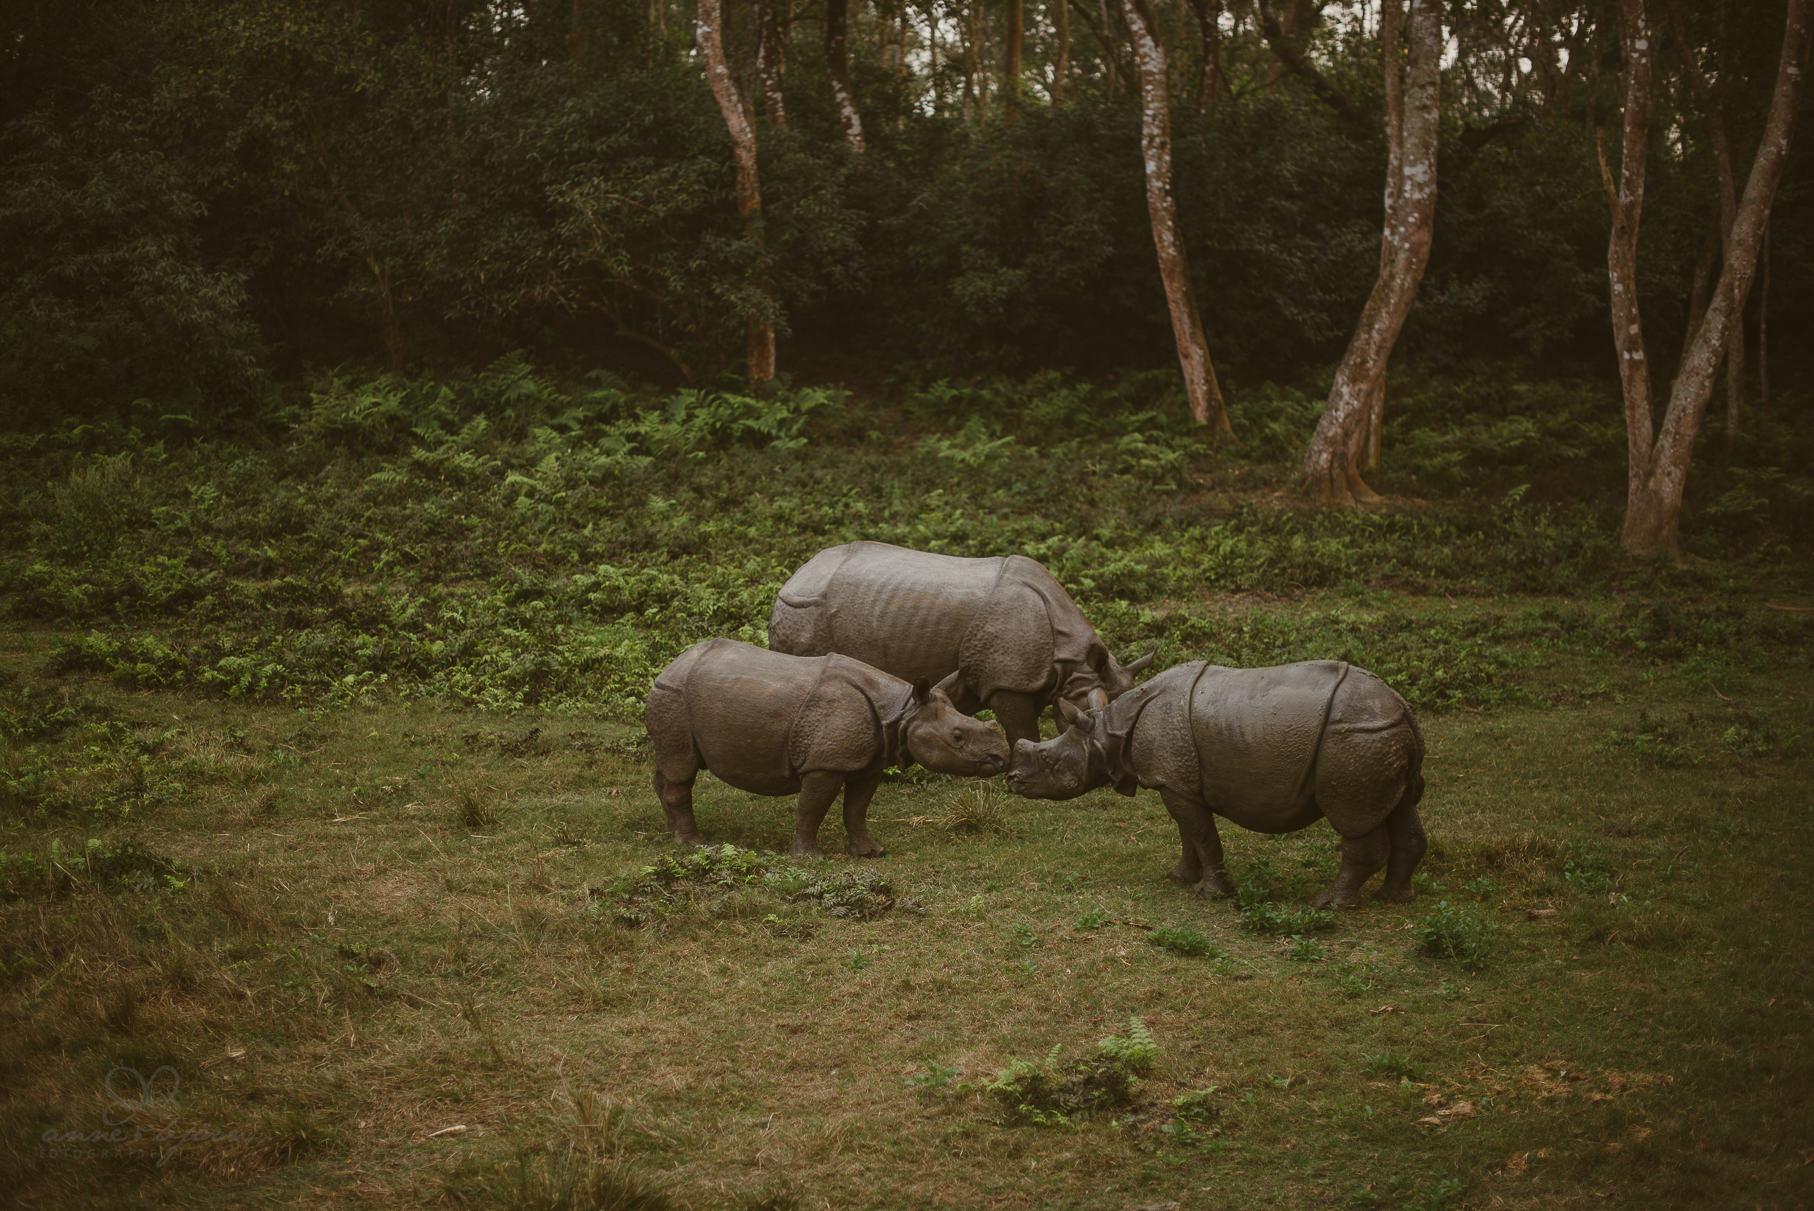 0061 anne und bjoern chitwan nationalpark nepal d75 5267 2 - Nepal Teil 3 - Roadtrip, Chitwan Nationalpark und eine spontane Hochzeit